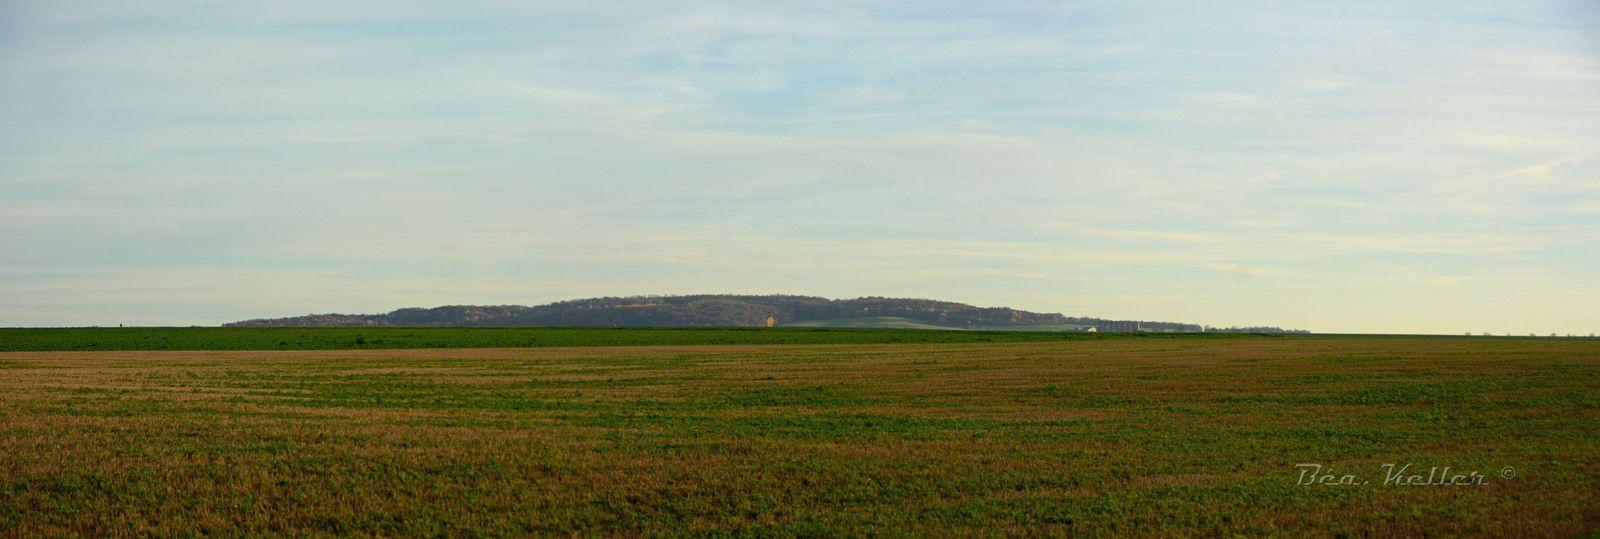 Sur la butte face à la stèle, c'est le village et le fort de Brimont